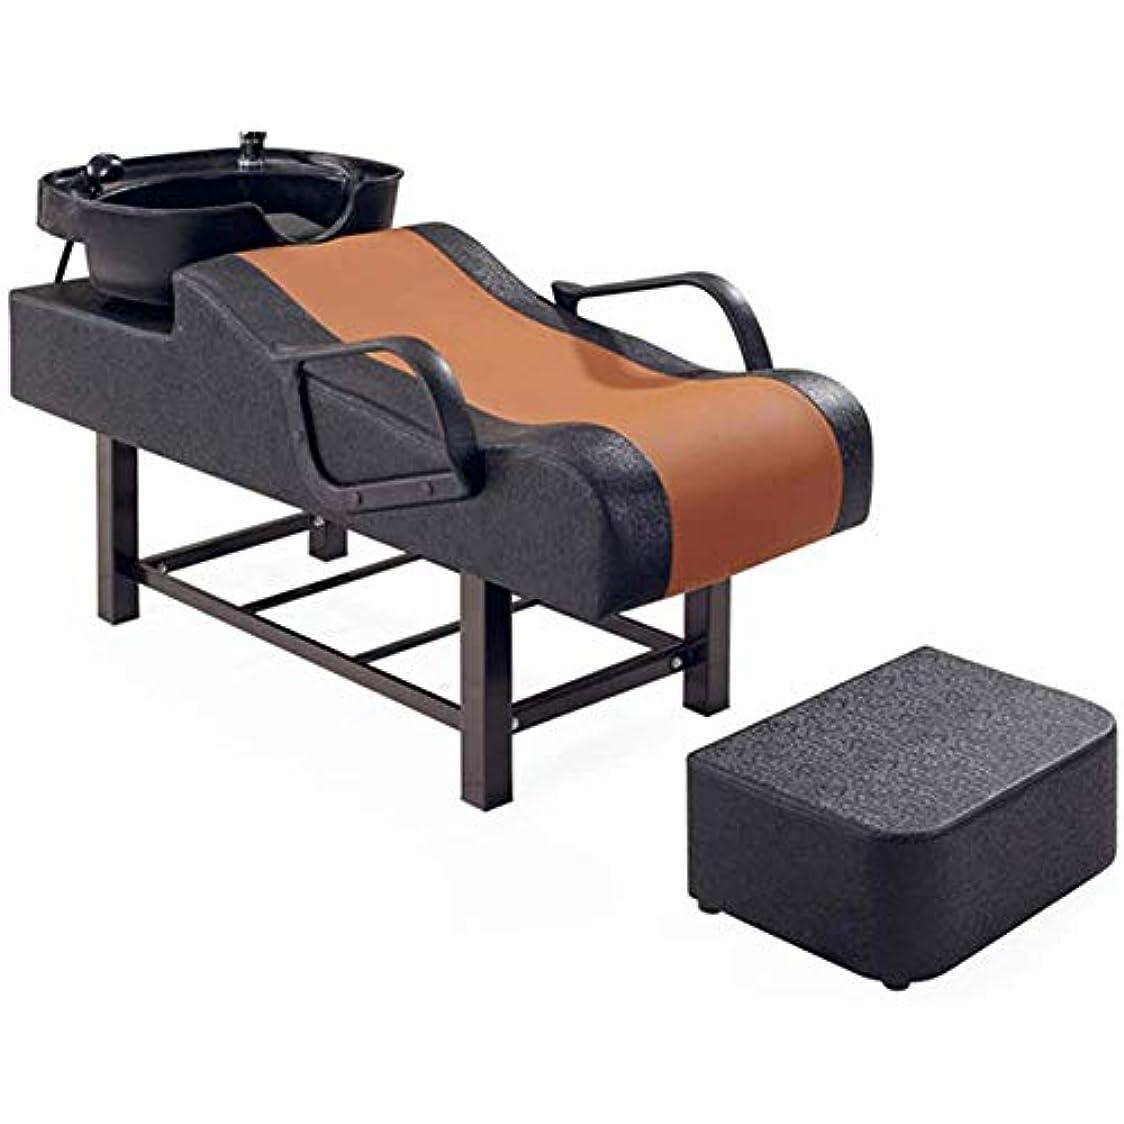 スクランブル統治可能人気のシャンプーの理髪師の逆洗の椅子、スパ美容院パンチベッドフラッシングベッド用シャンプーボウルシンクチェア